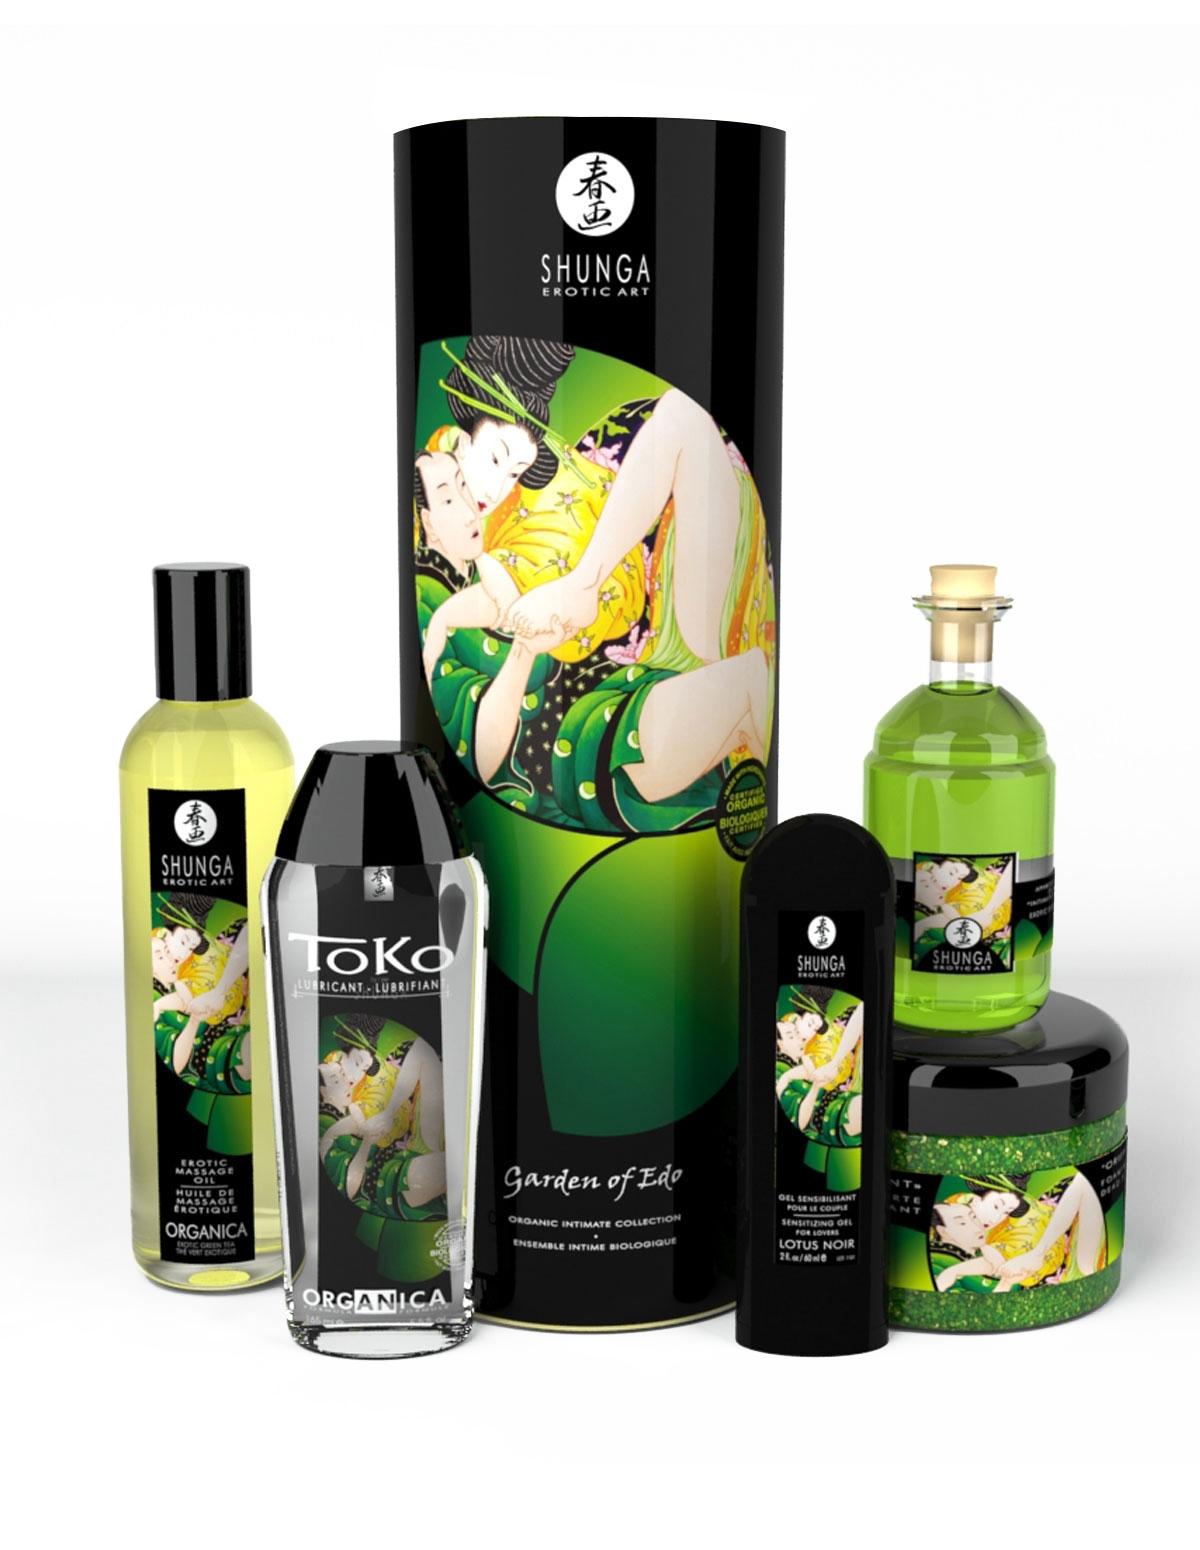 Shunga Garden Of Edo Organic Kit